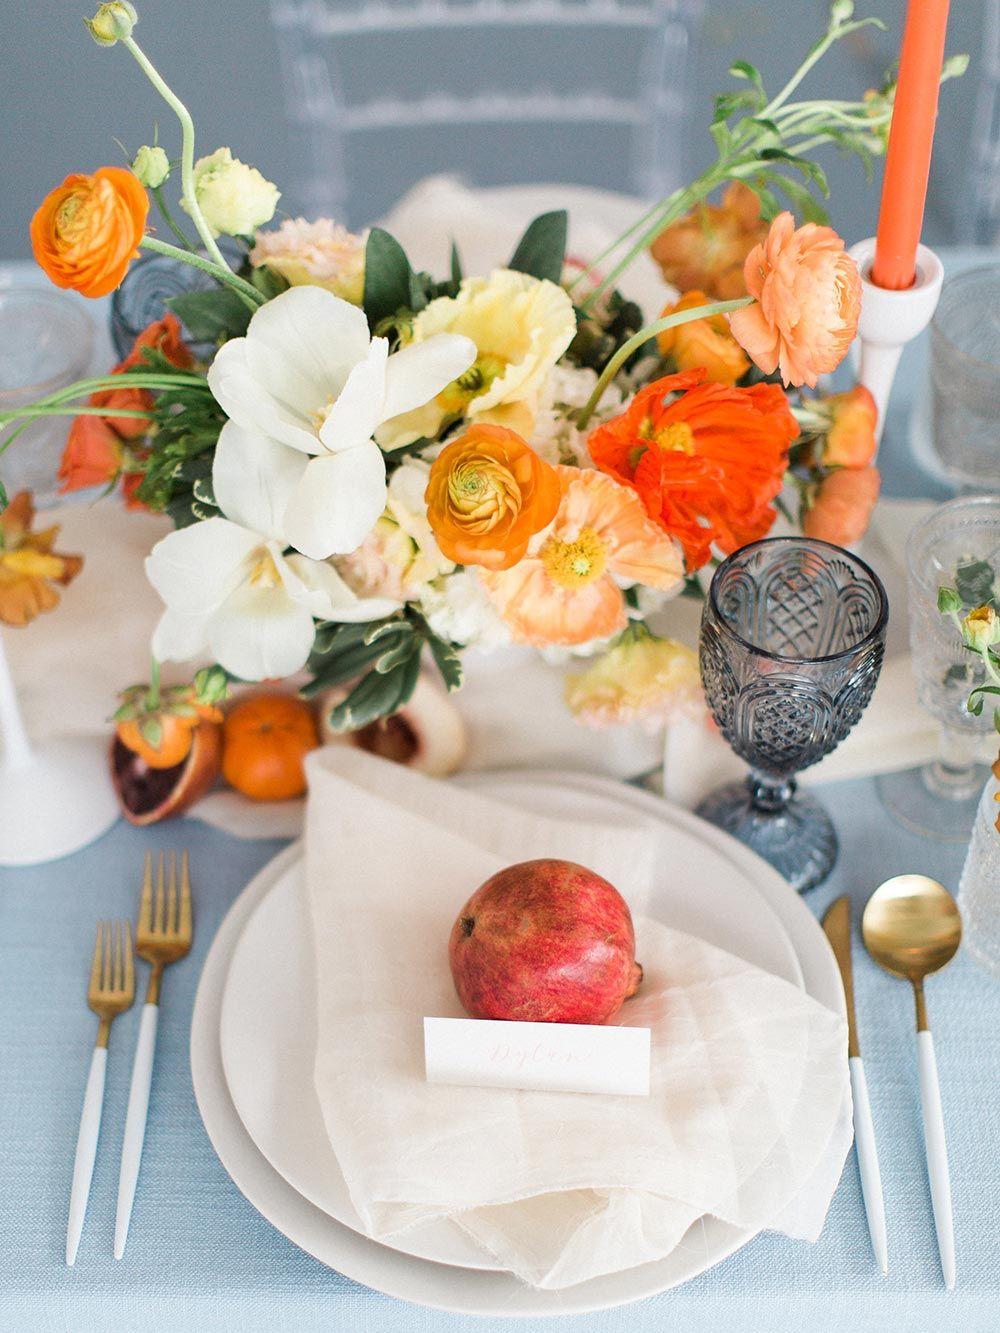 Sommerliche Hochzeit Tischdeko In Orange Mit Granatapfeln